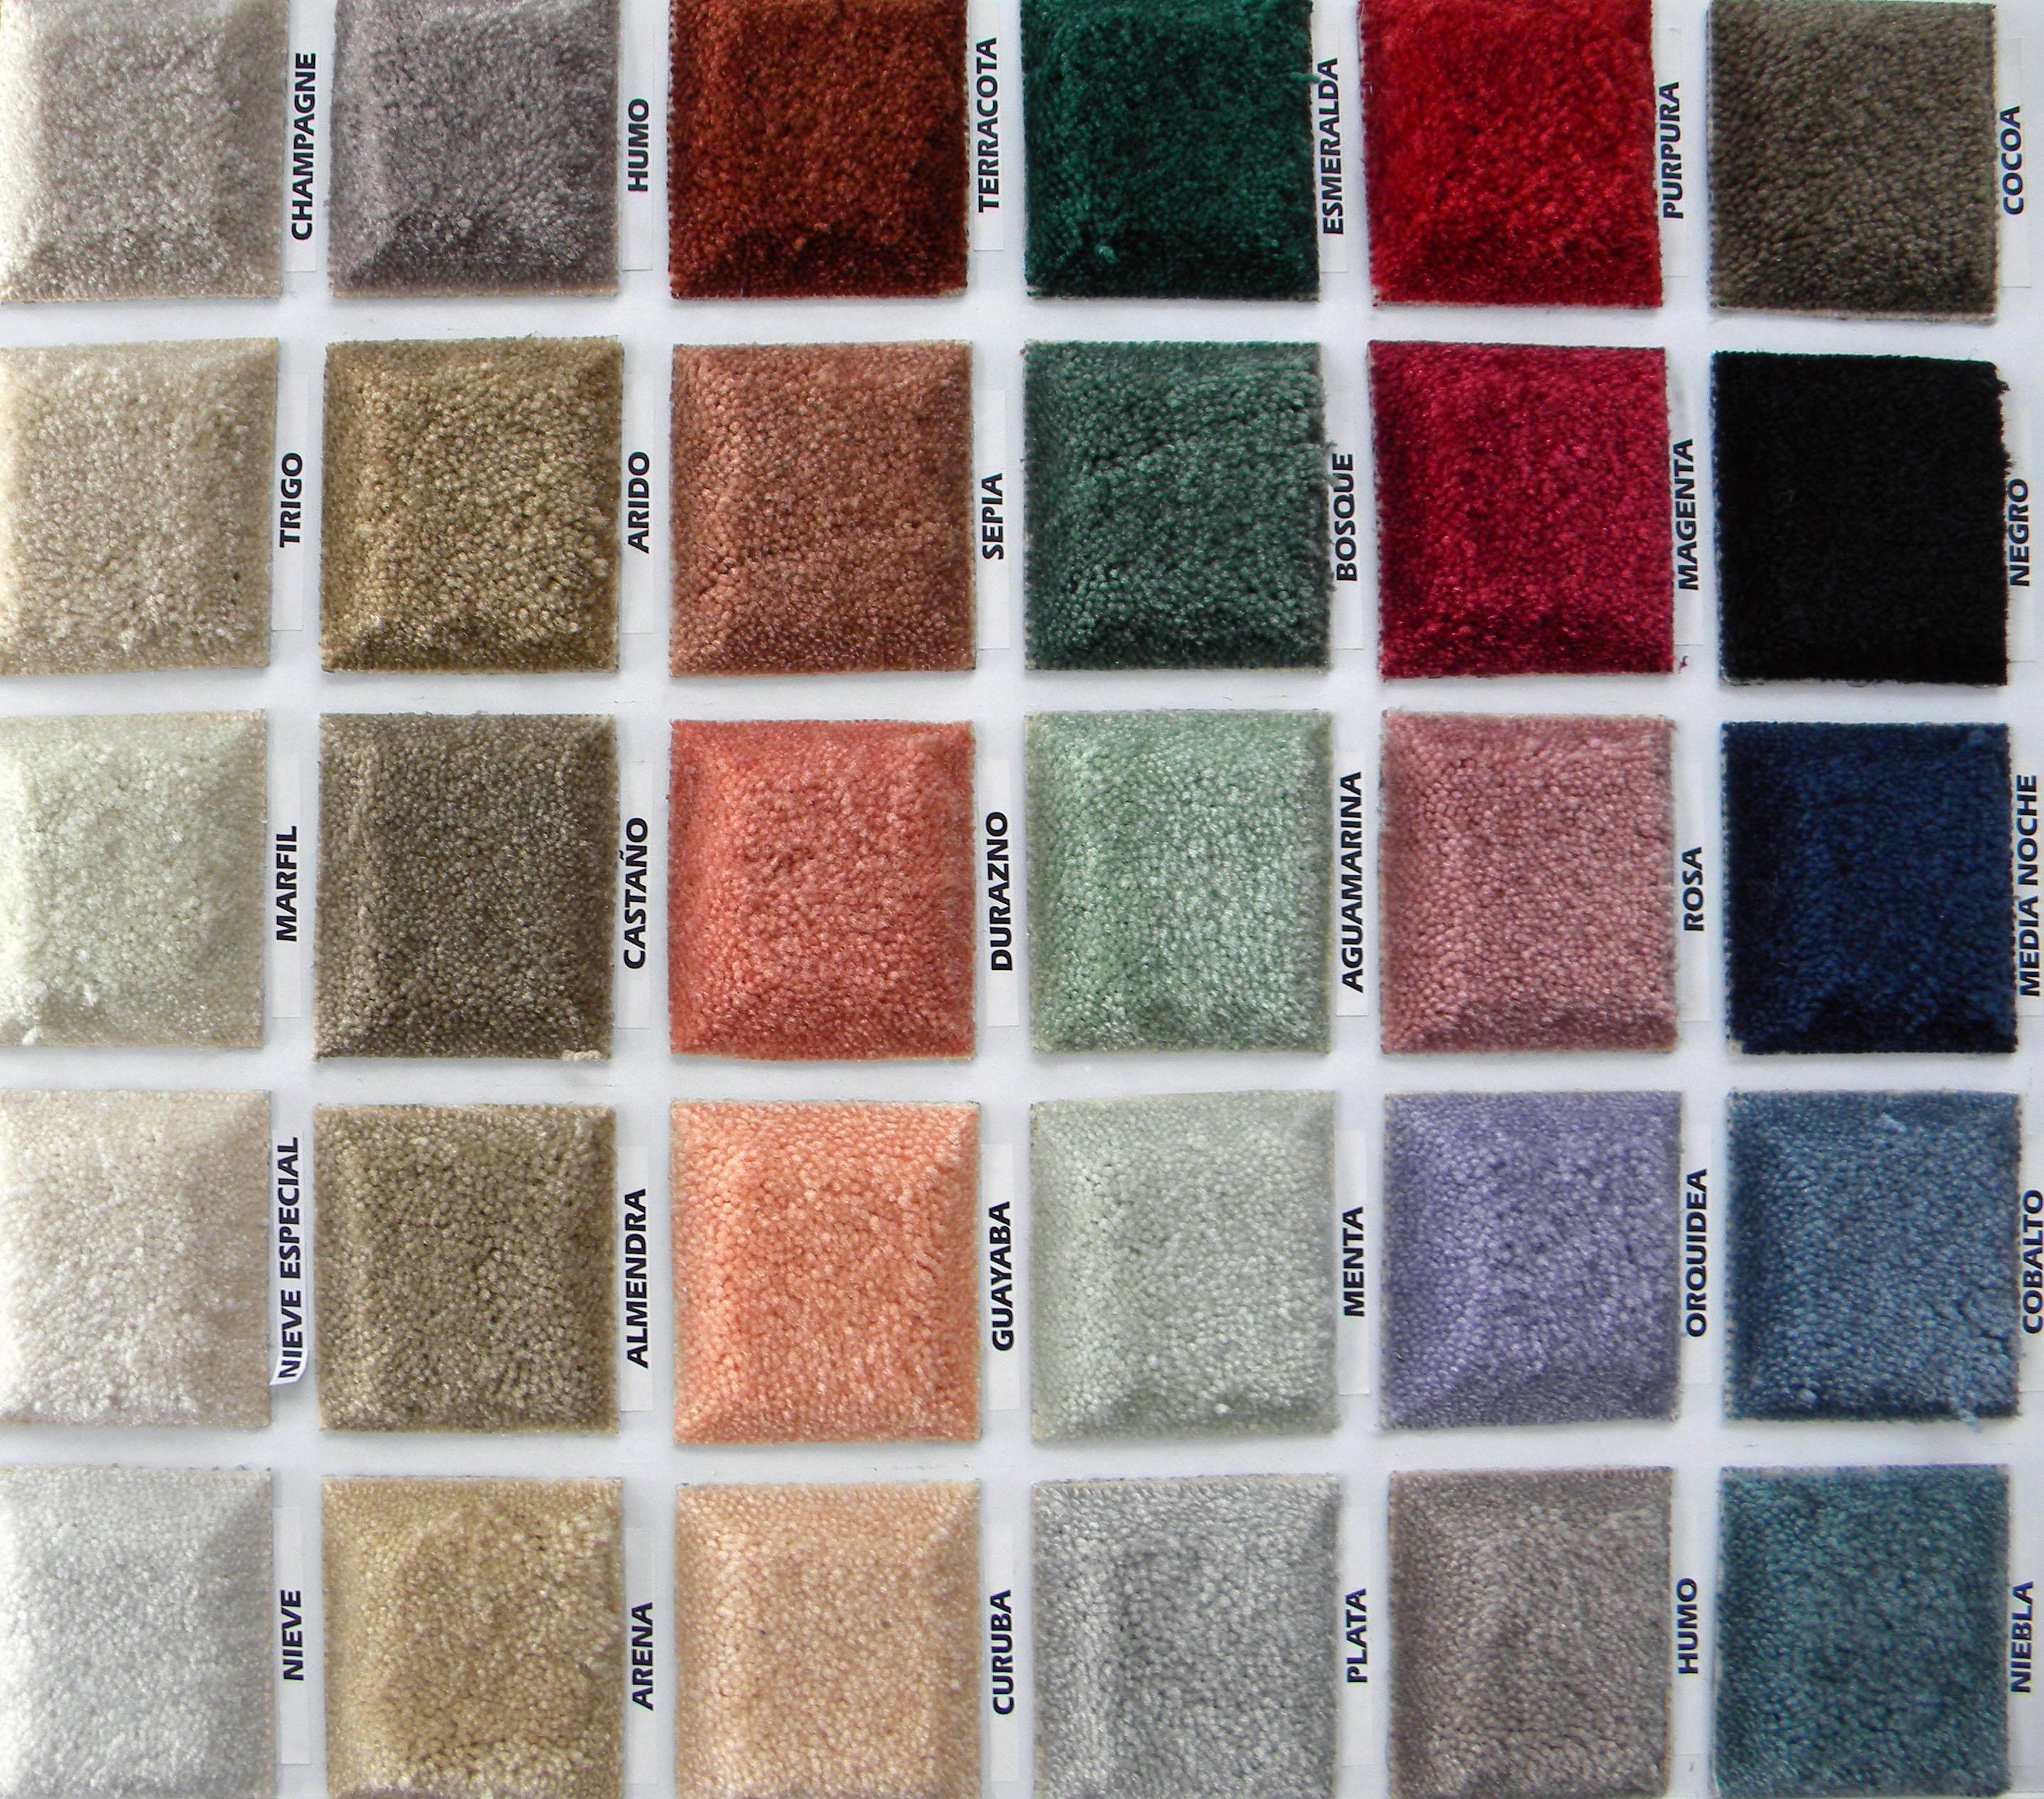 Alfombras residenciales acabados 138 for Precio de alfombras